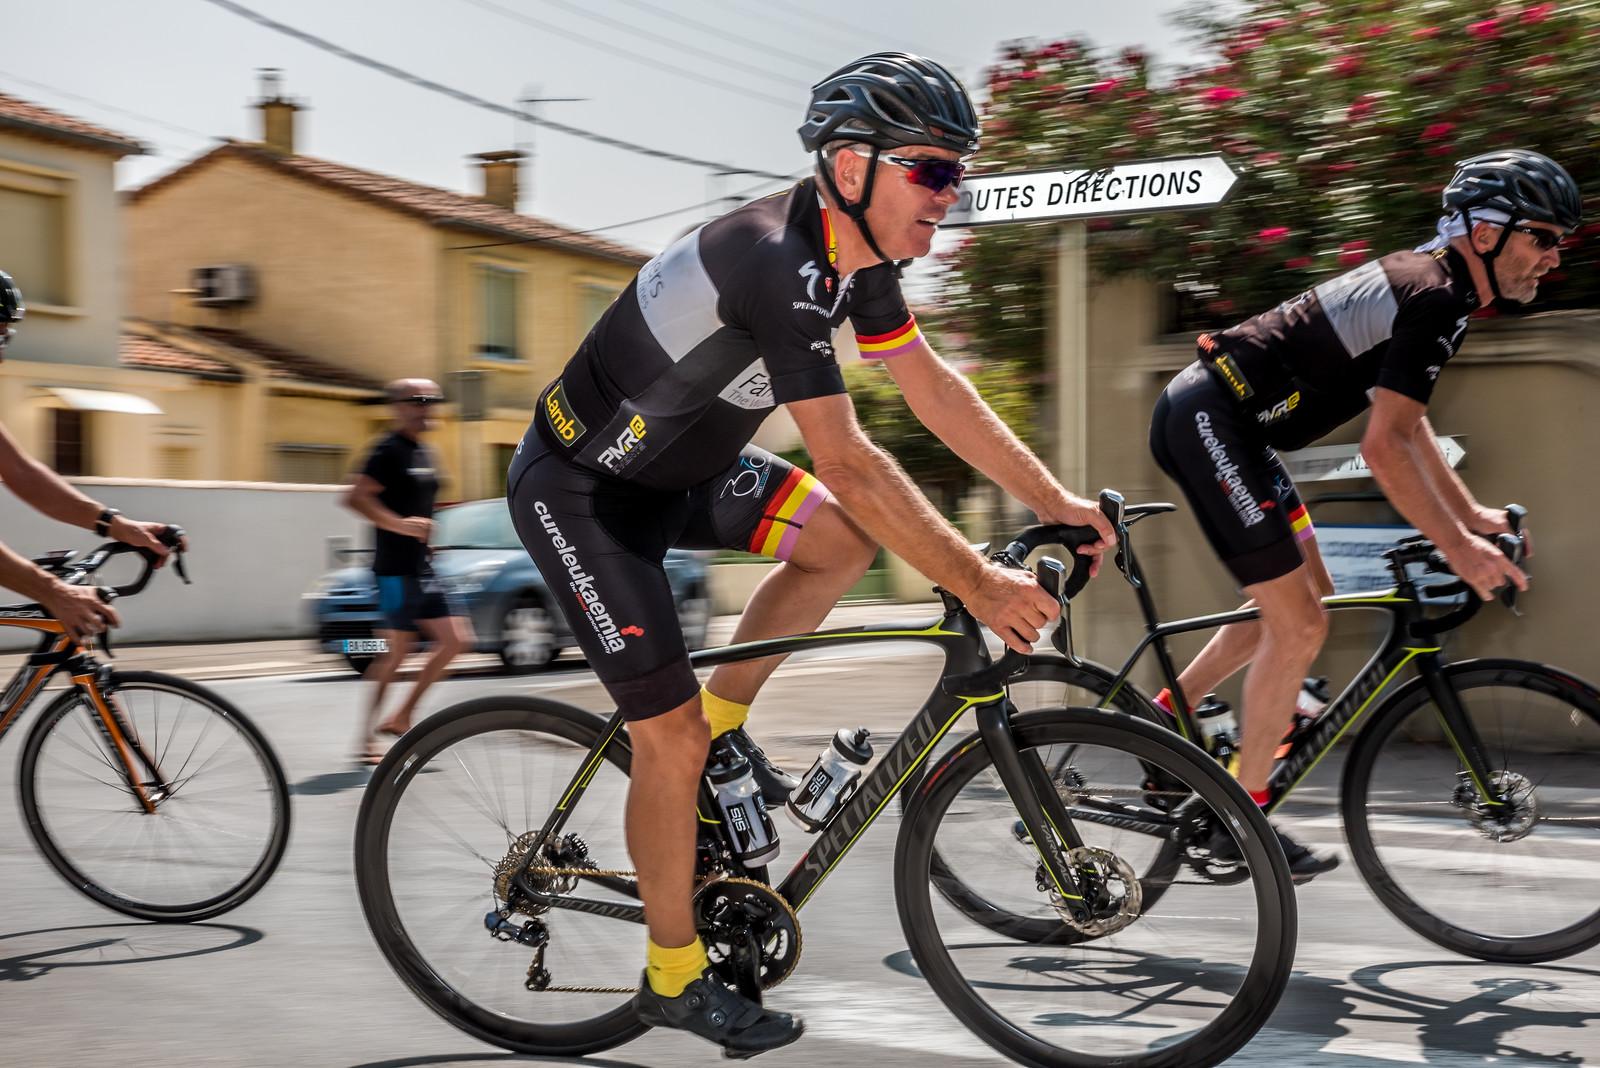 3tourschalenge-Vuelta-2017-159